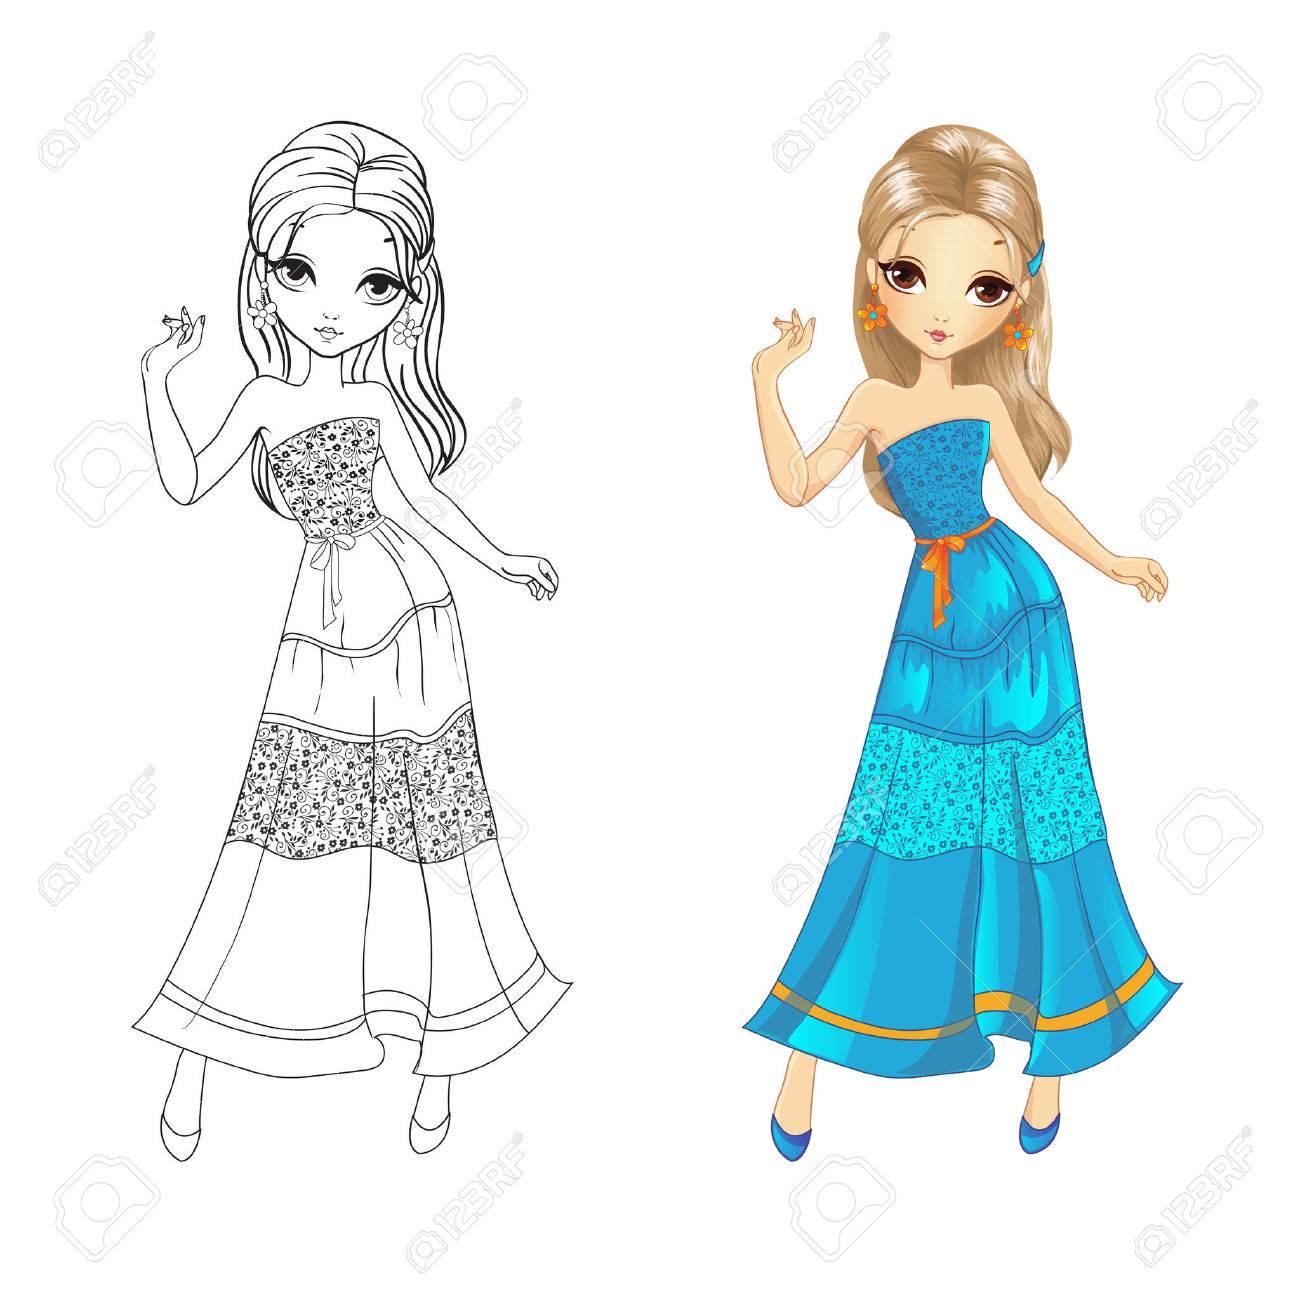 Dibujo Para Colorear Ilustración Vectorial De La Hermosa Niña Boho En Vestido De Verano Largo